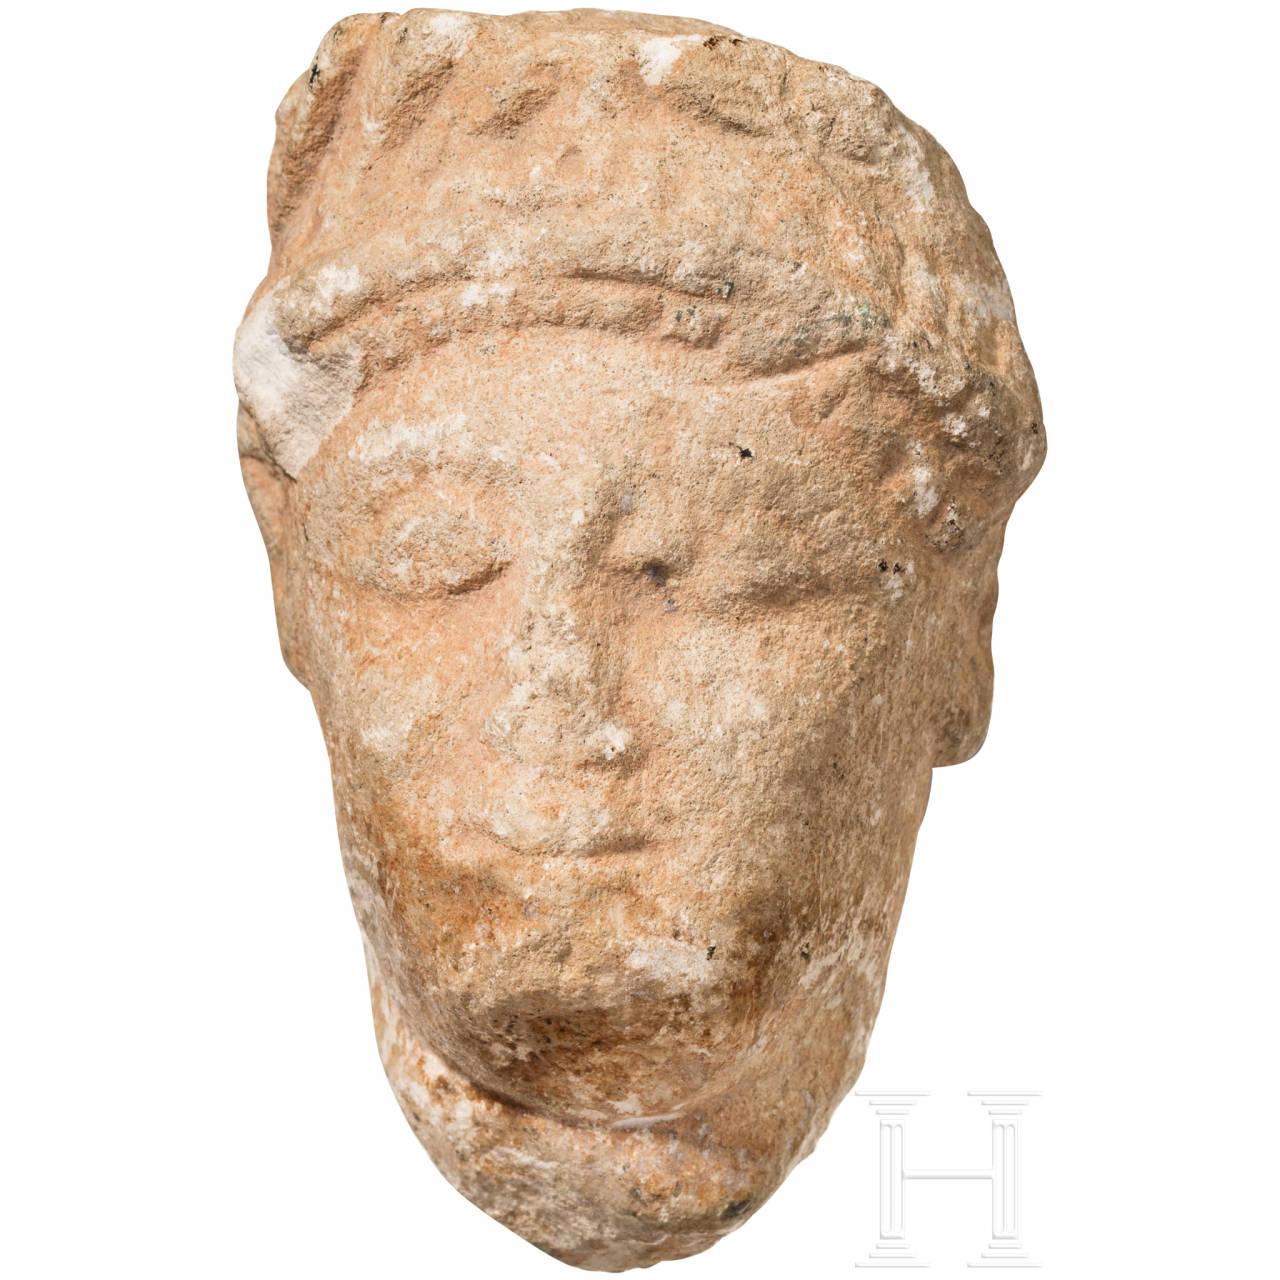 Kalksteinkopf, östlicher Mittelmeerraum, römisch, 2. - 3. Jhdt.